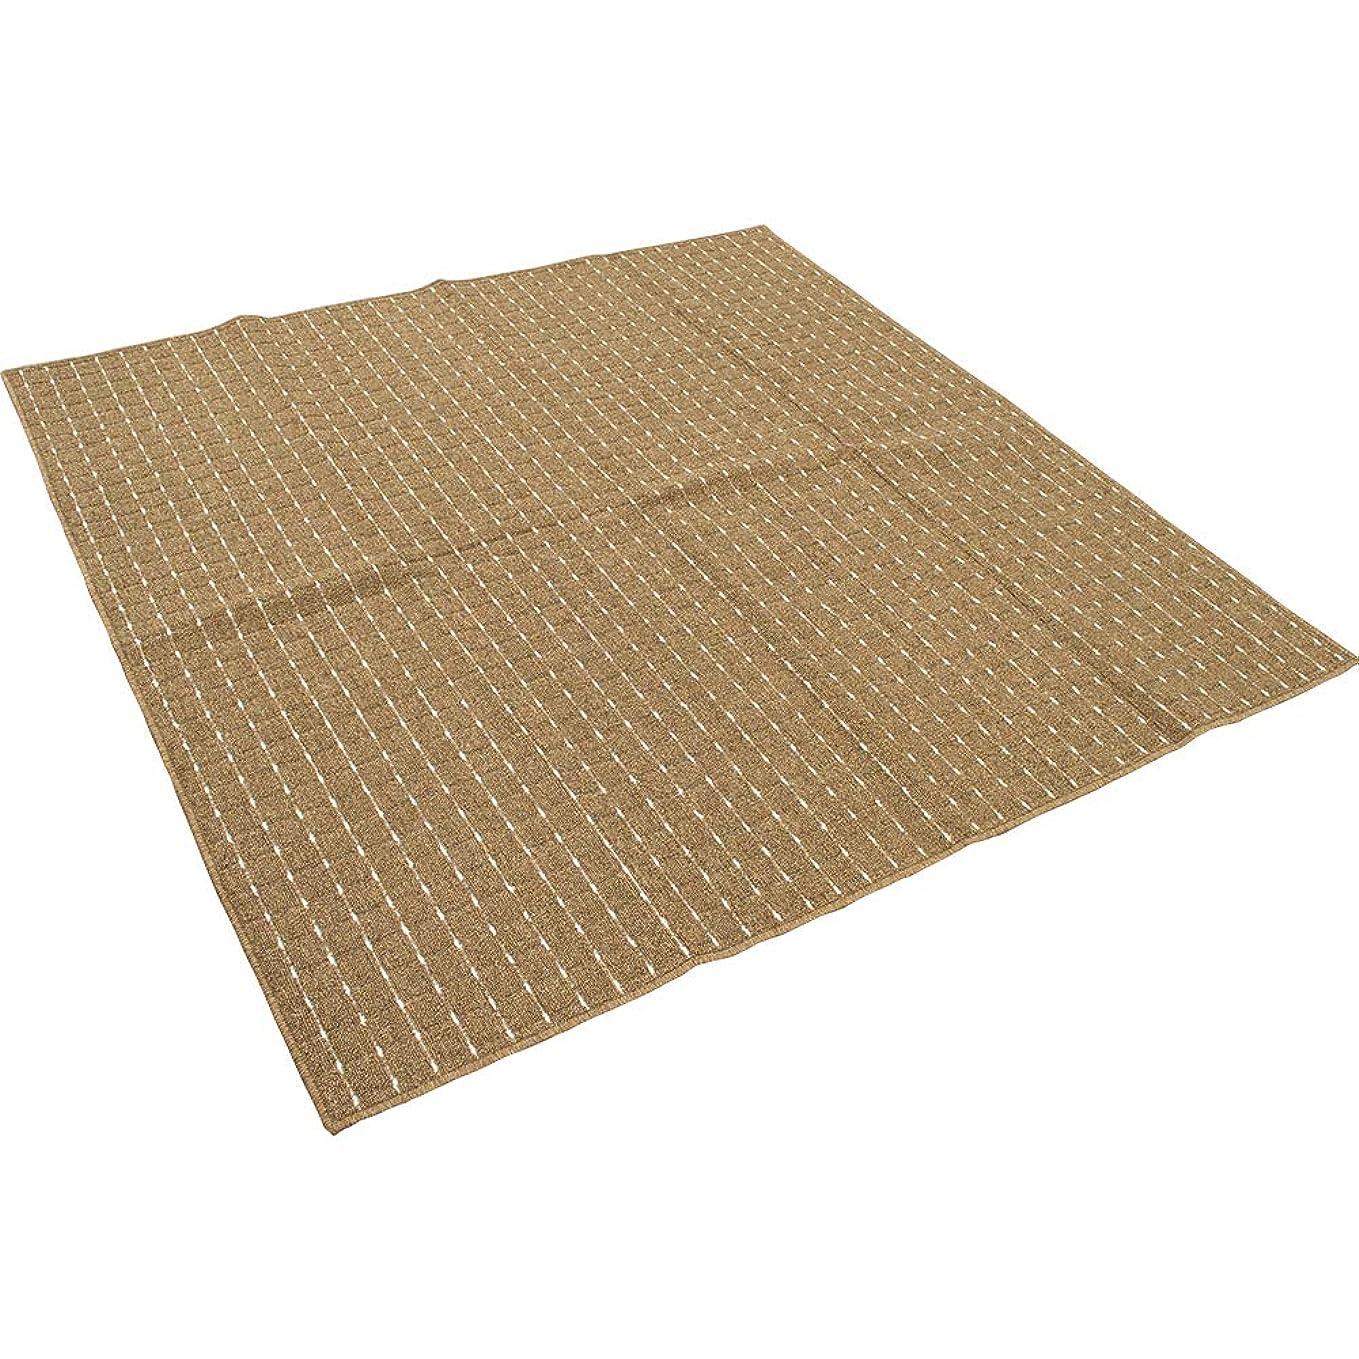 置き場イソギンチャクせっかちアーリエ(Arie) ラグ ブラウン 幅286×奥行382cm(本間6畳) オールシーズン使える 折り畳みカーペット チェイス